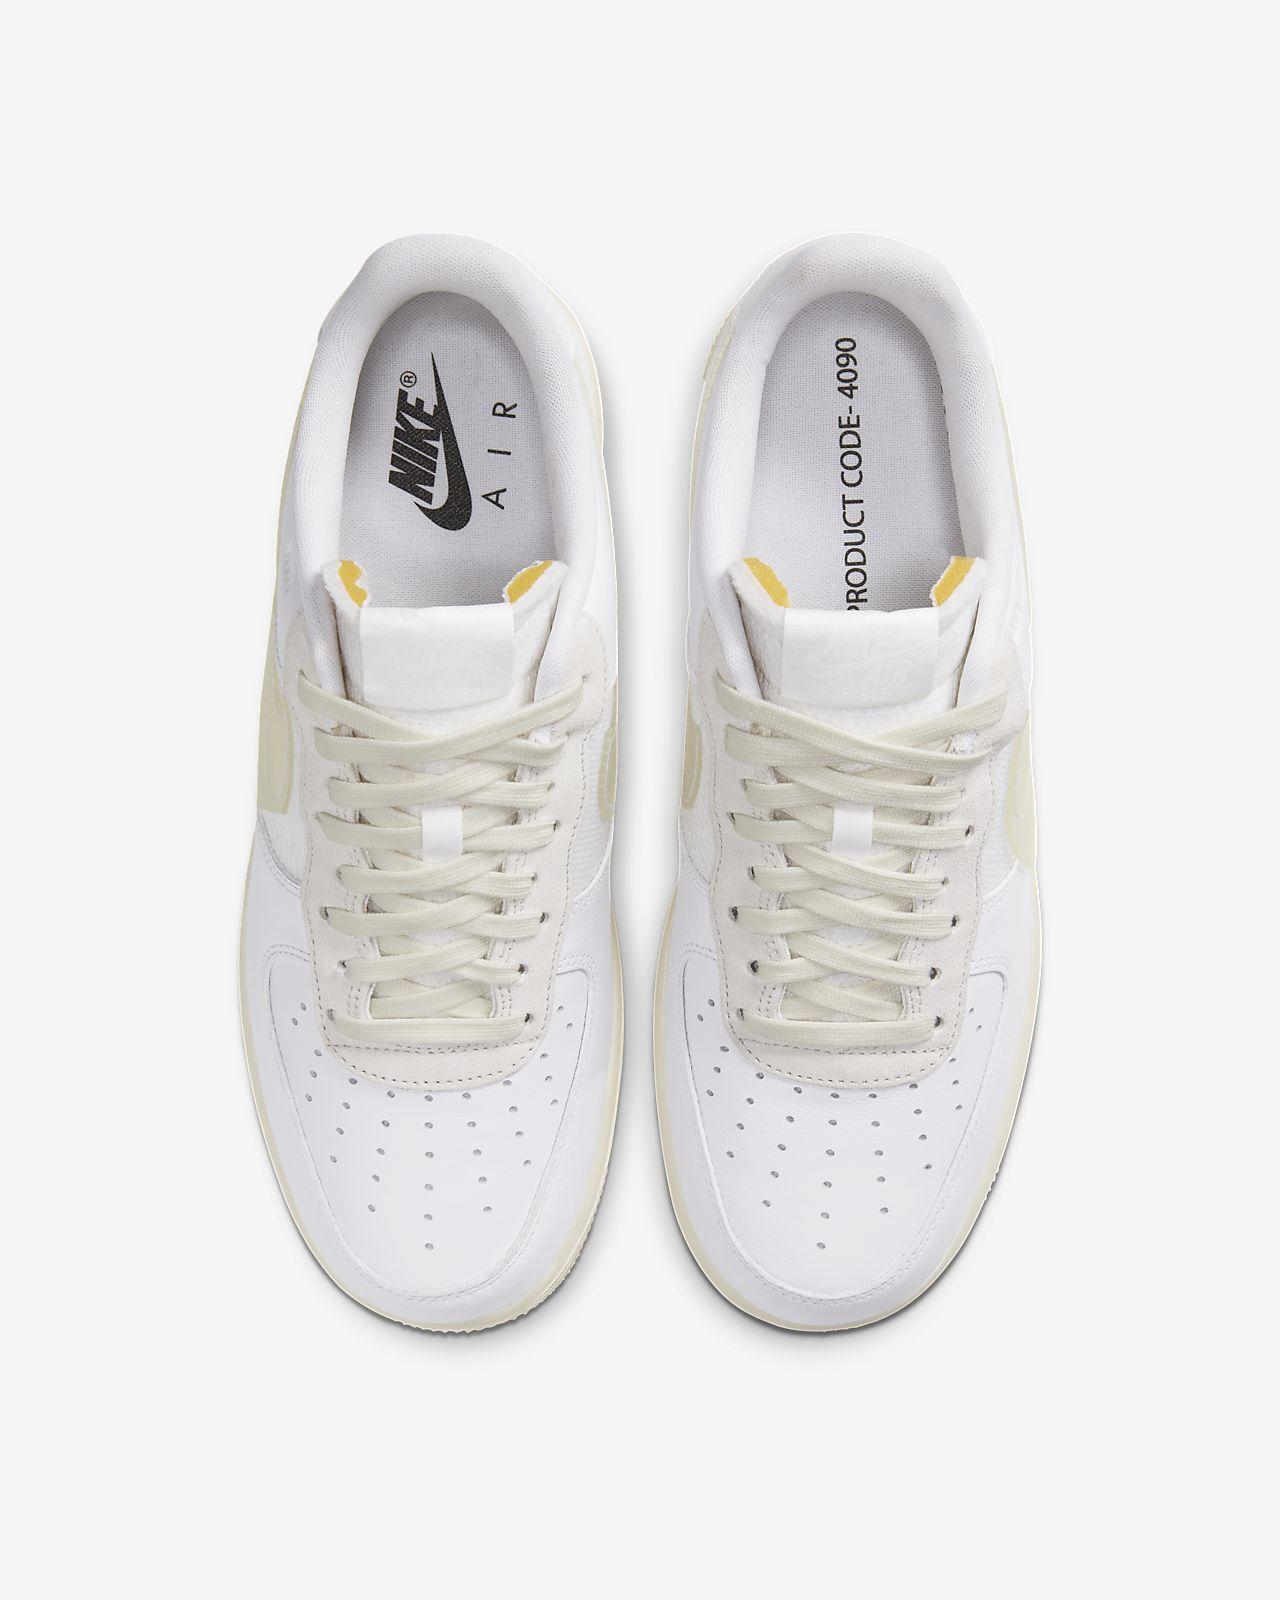 Nike Air Force 1 DNA White CV3040 100